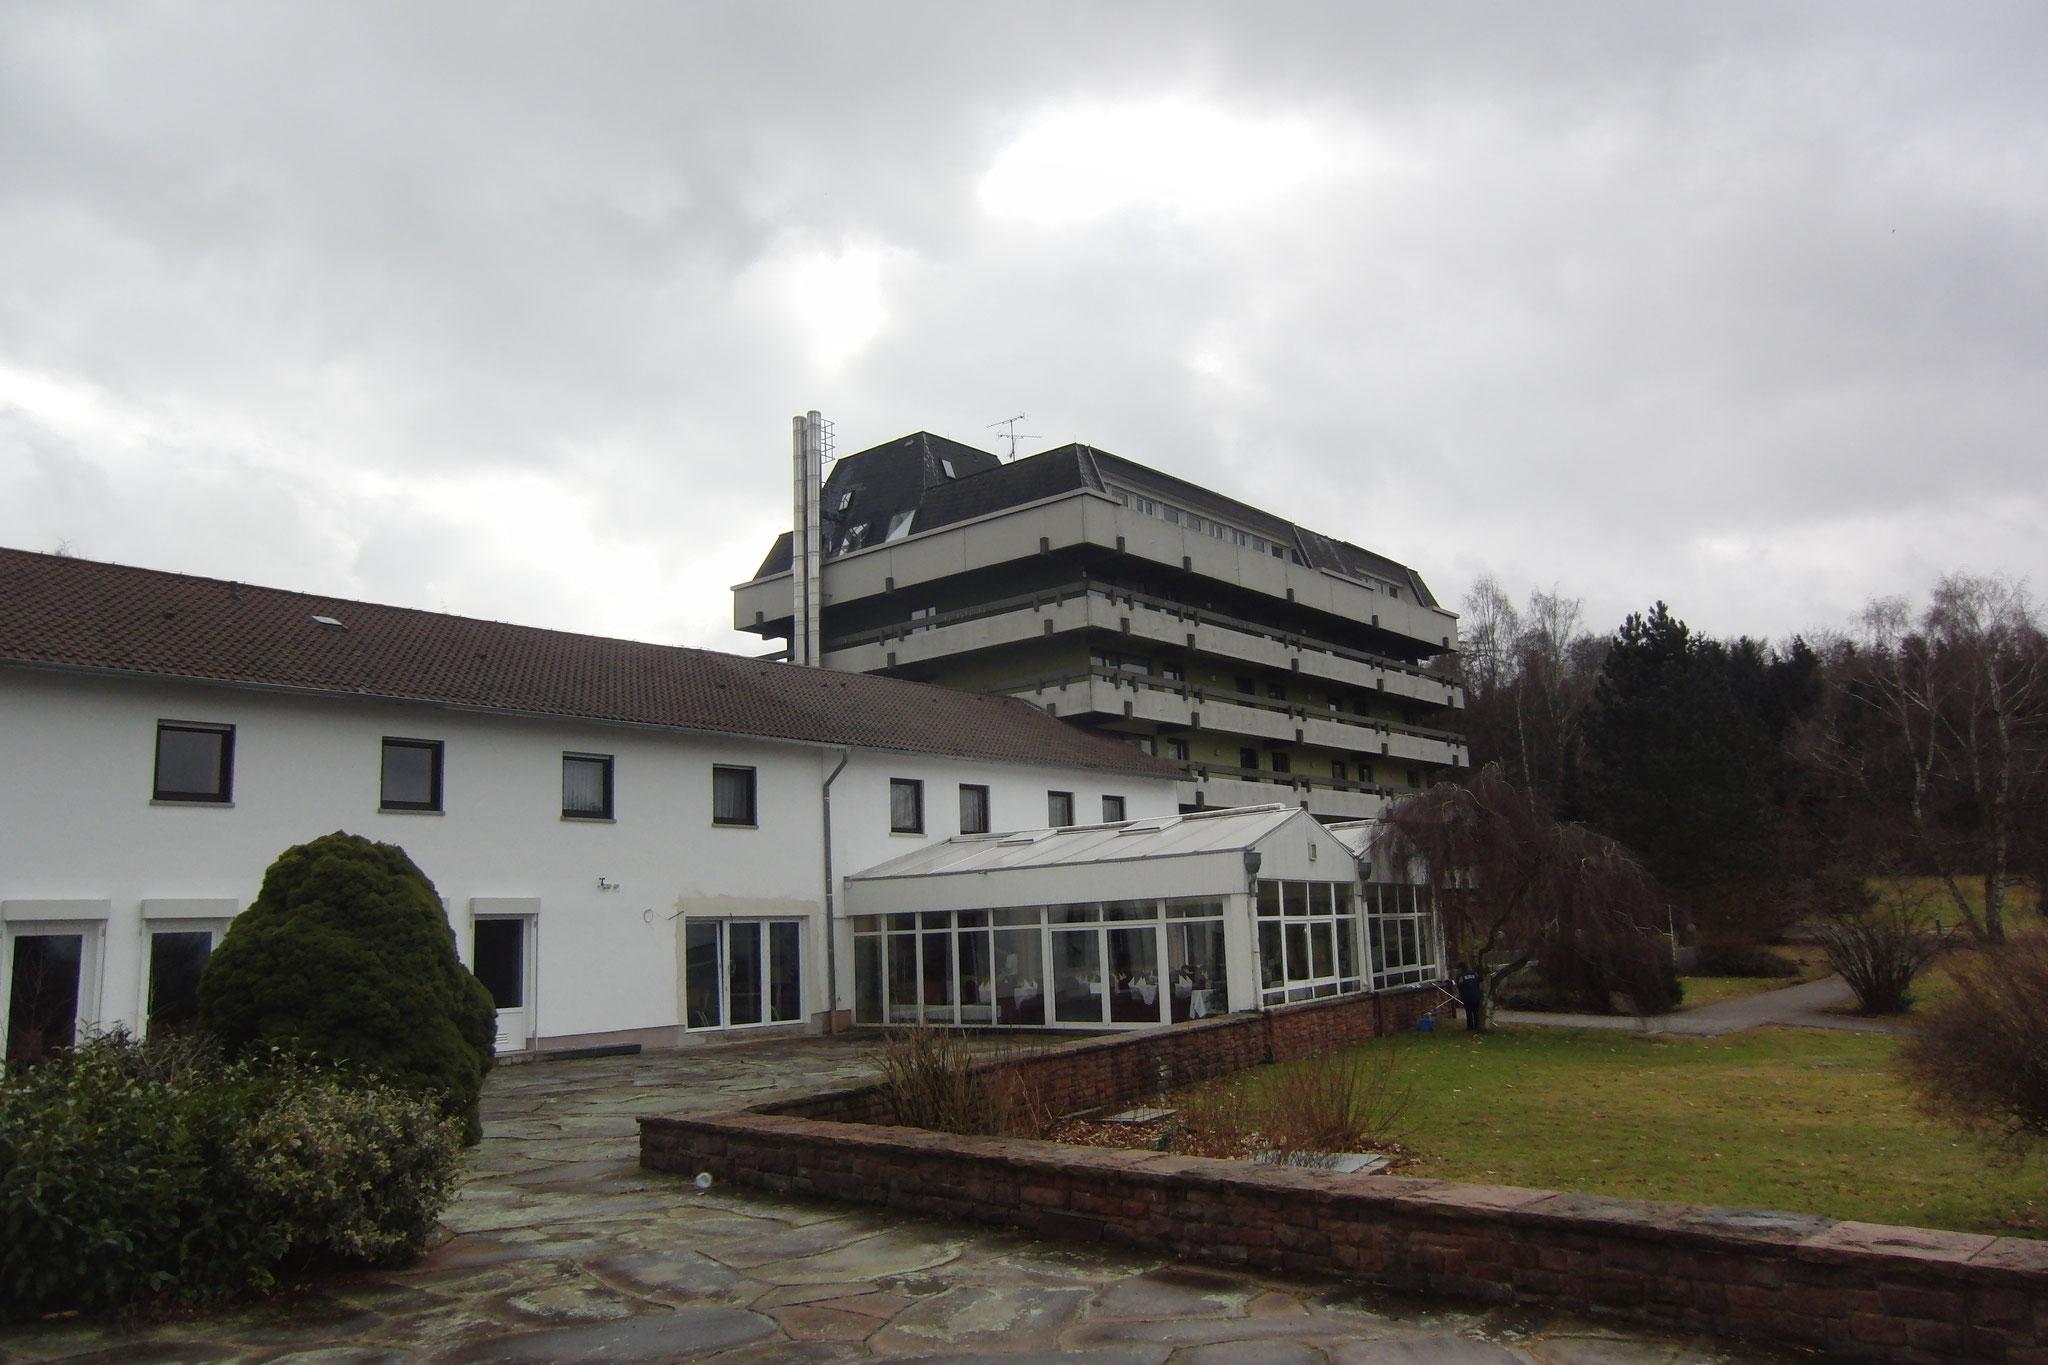 Hessischer Fußballverband; Sportschule Grünberg